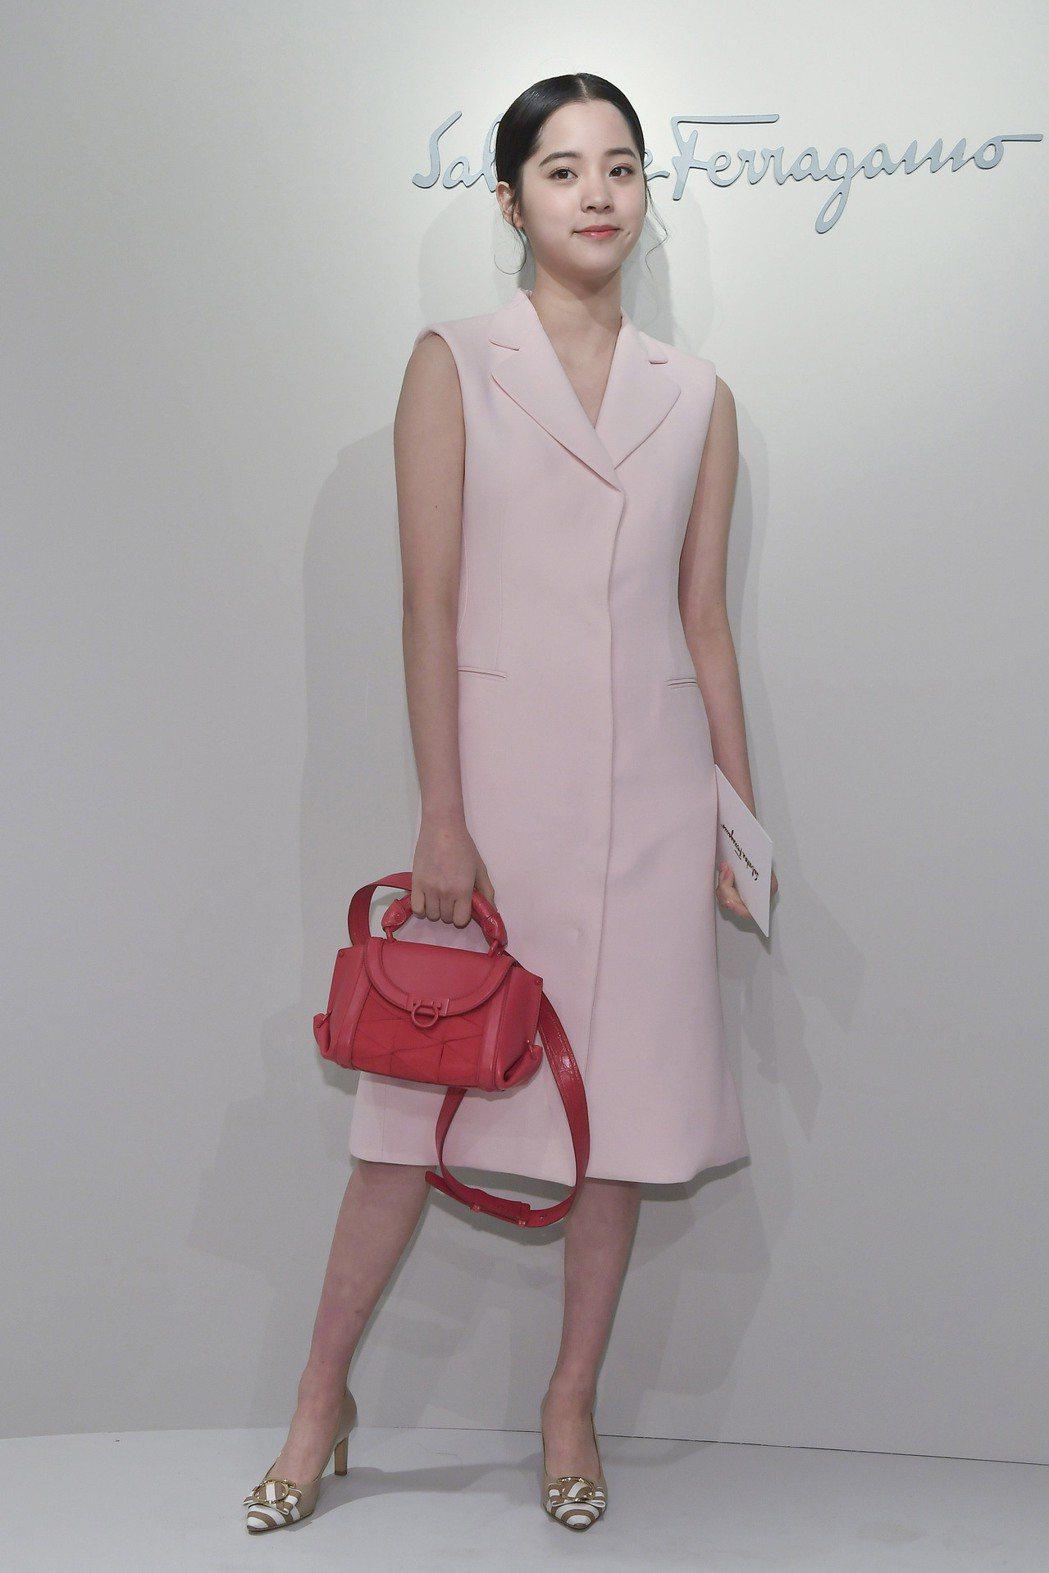 在Salvatore Ferragamo的秀上,歐陽娜娜身穿品牌春夏系列一襲粉色...